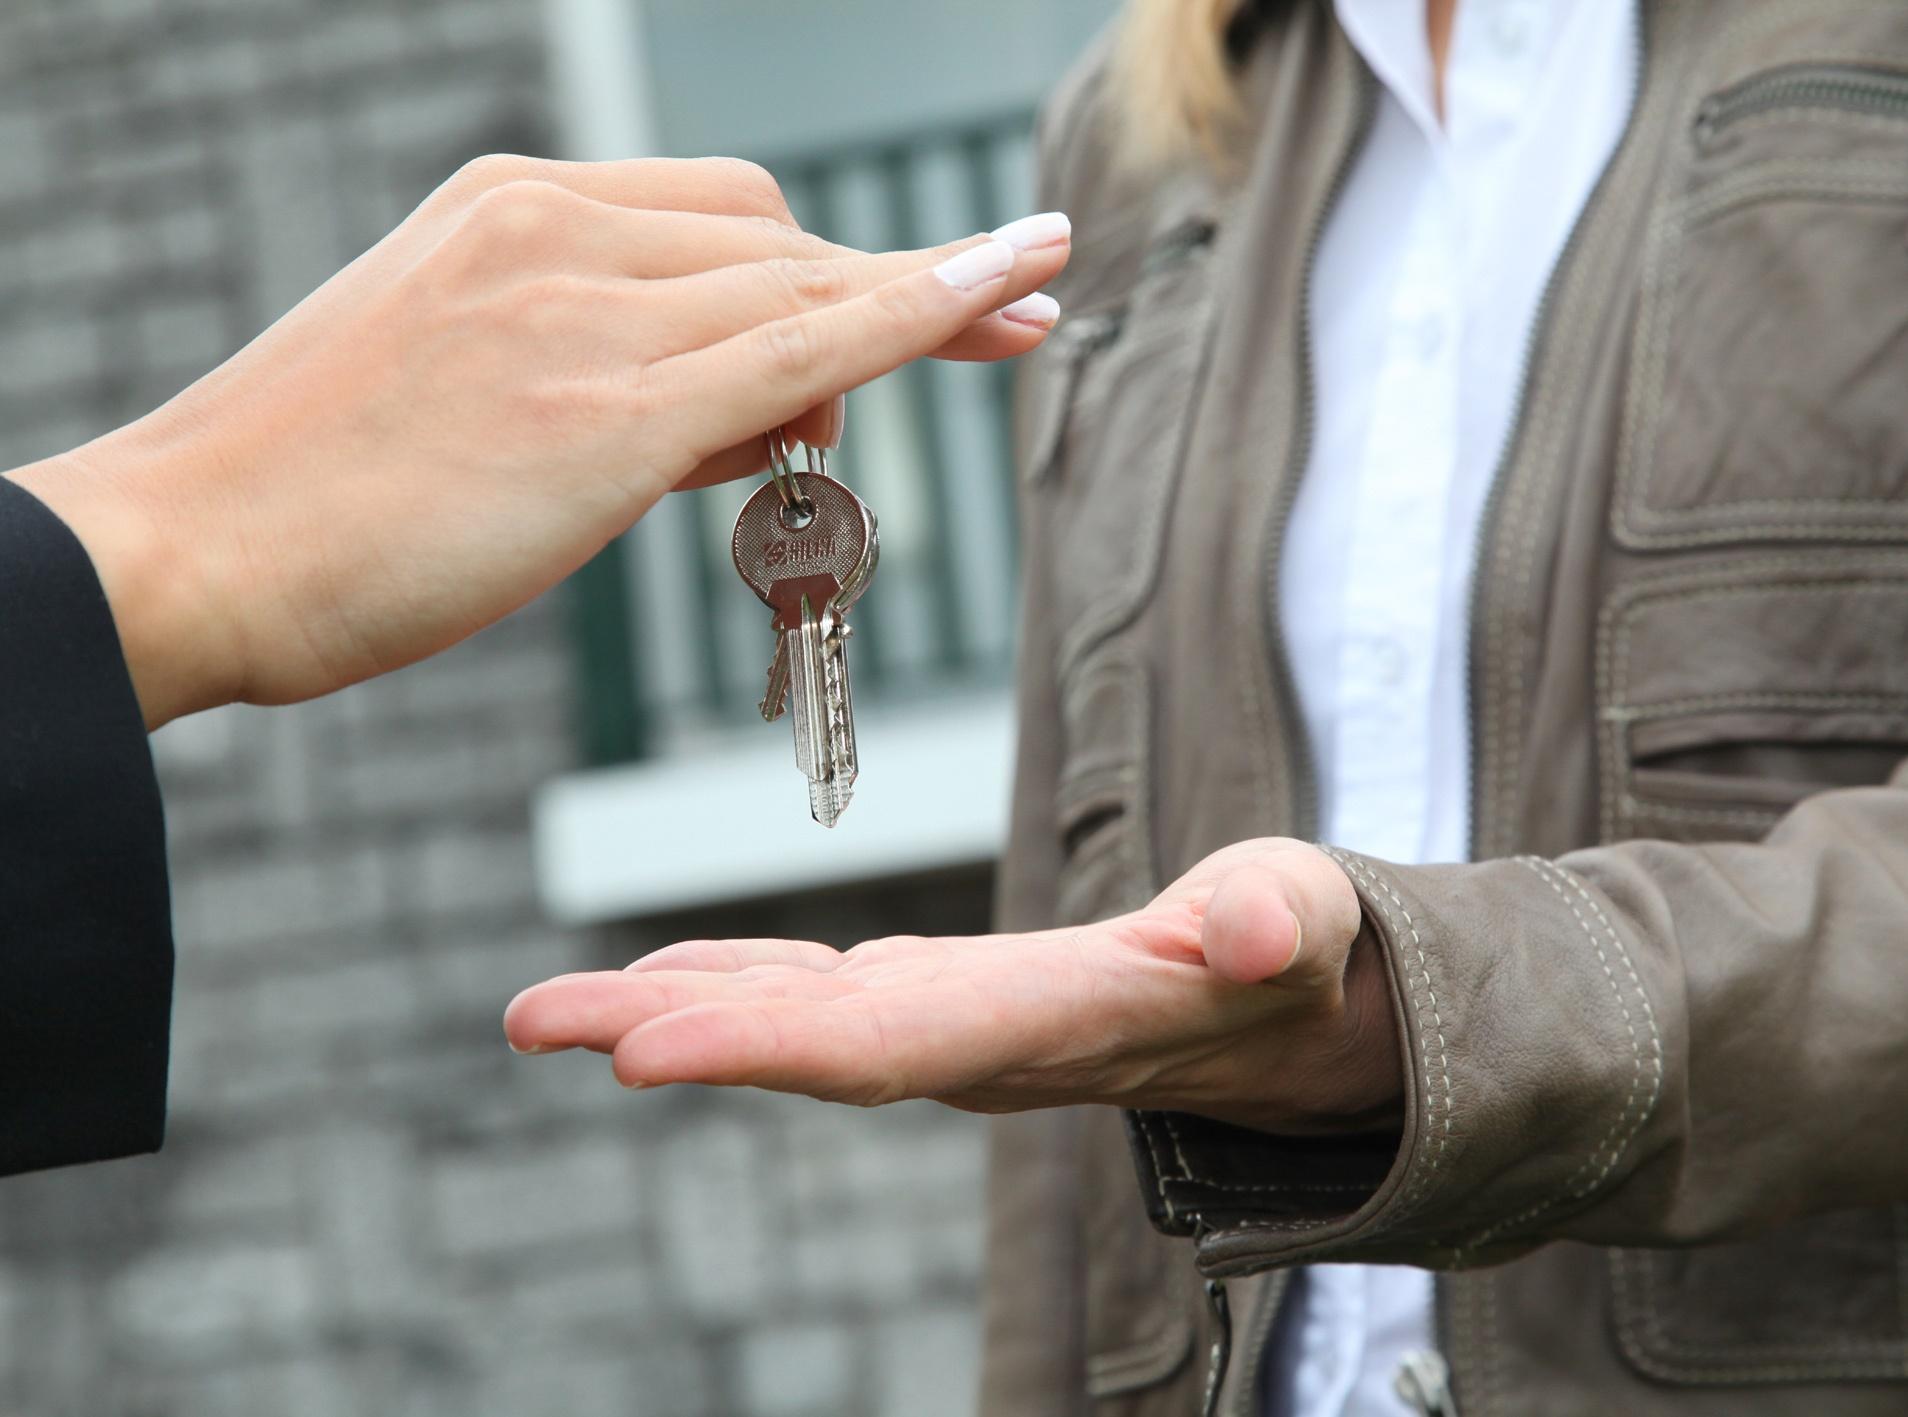 Эксперты считают, что рынок украинской недвижимости вскоре достигнет своего ценового дна